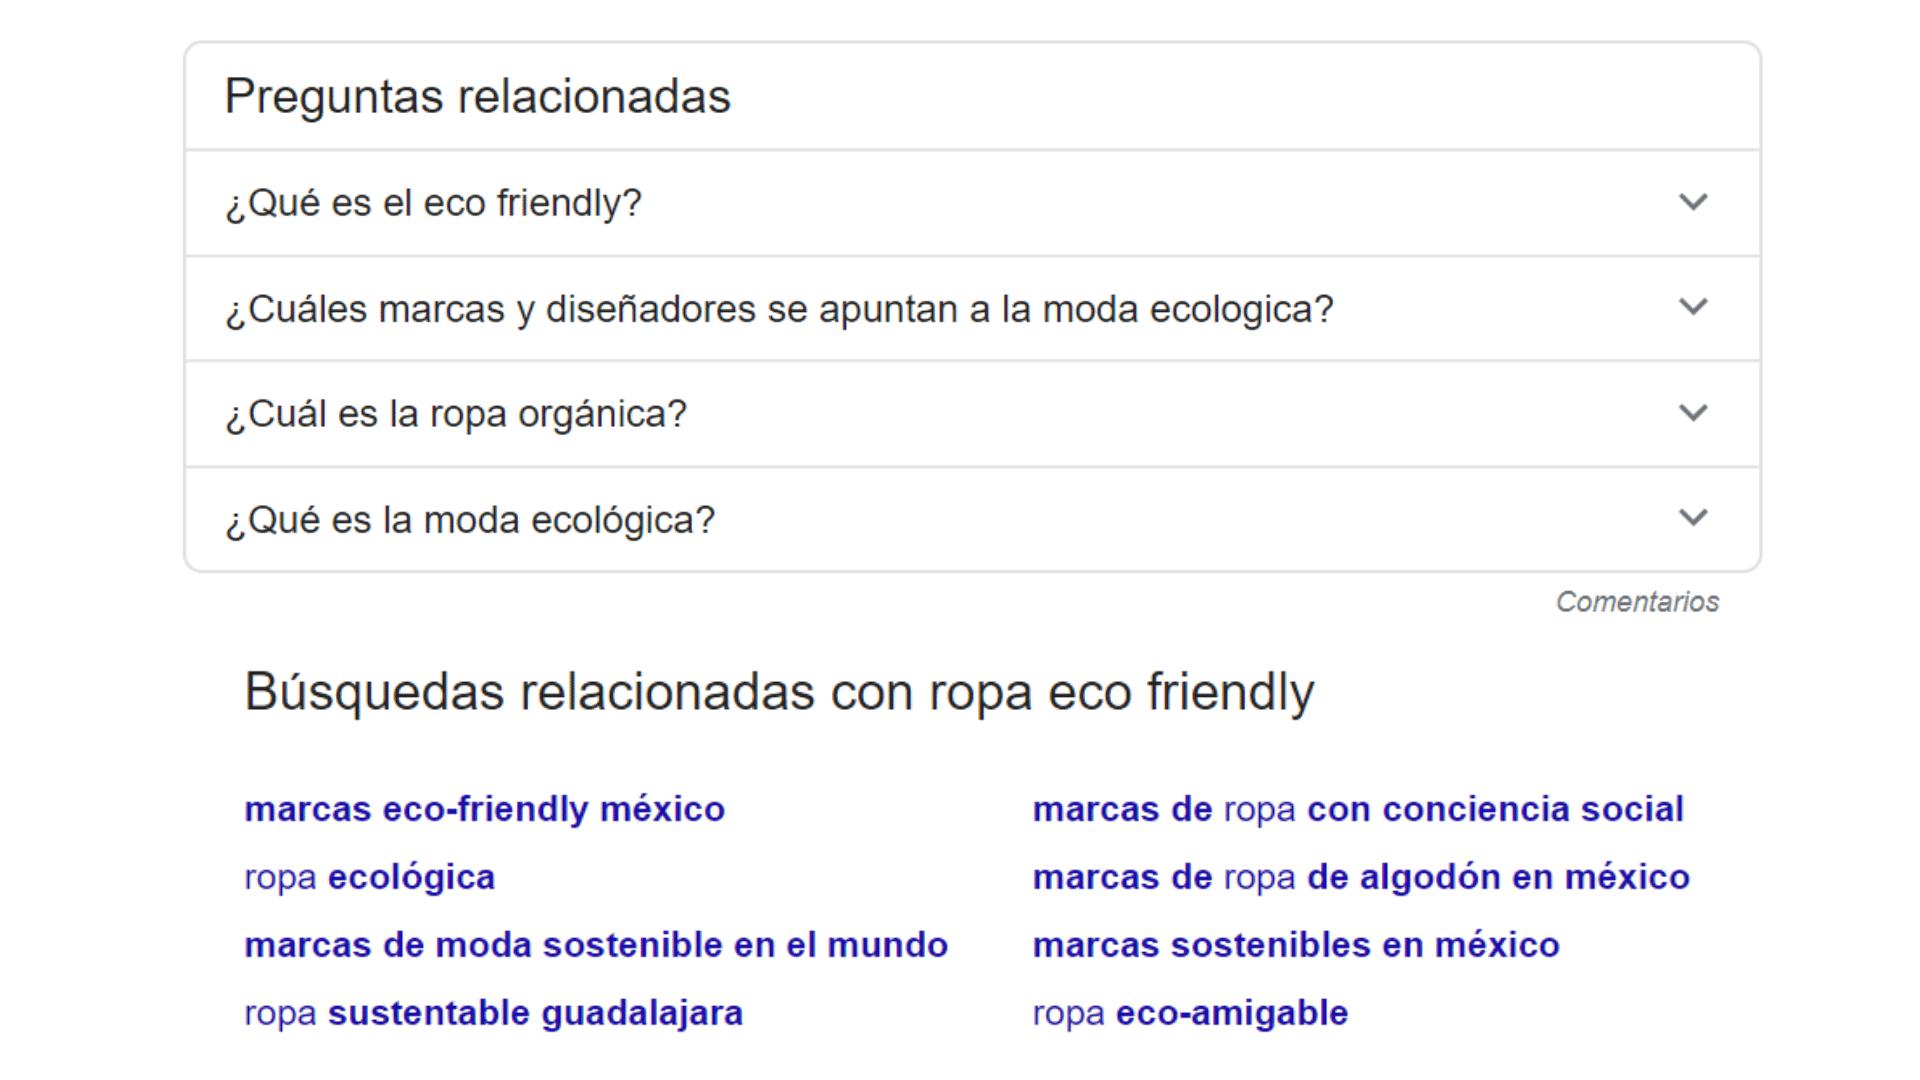 resultados de búsqueda relacionados